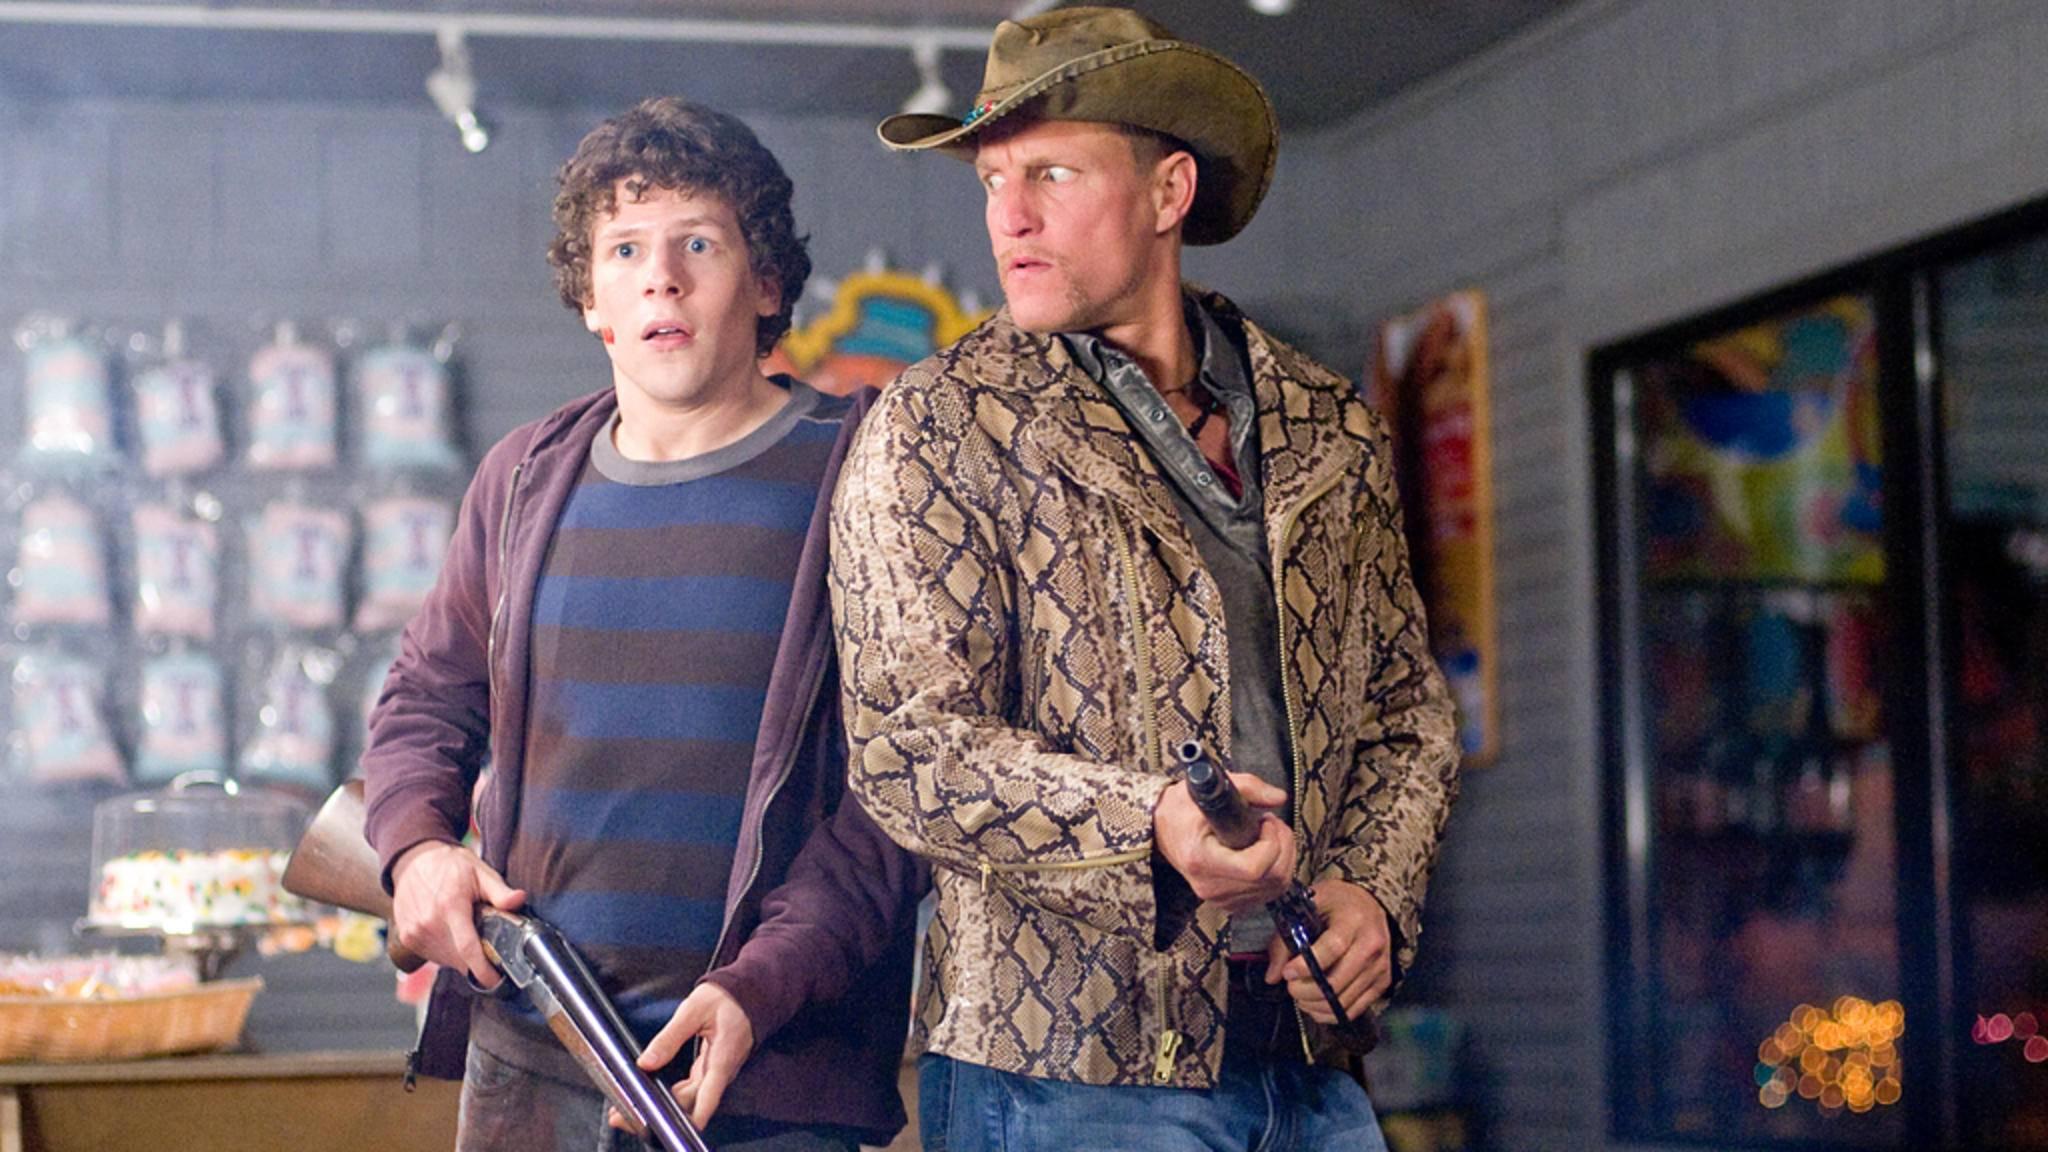 """Noch ist nicht sicher ob Jesse Eisenberg und Woody Harrelson in """"Zombieland 2"""" wieder gemeinsam auf die Jagd nach Untoten gehen."""